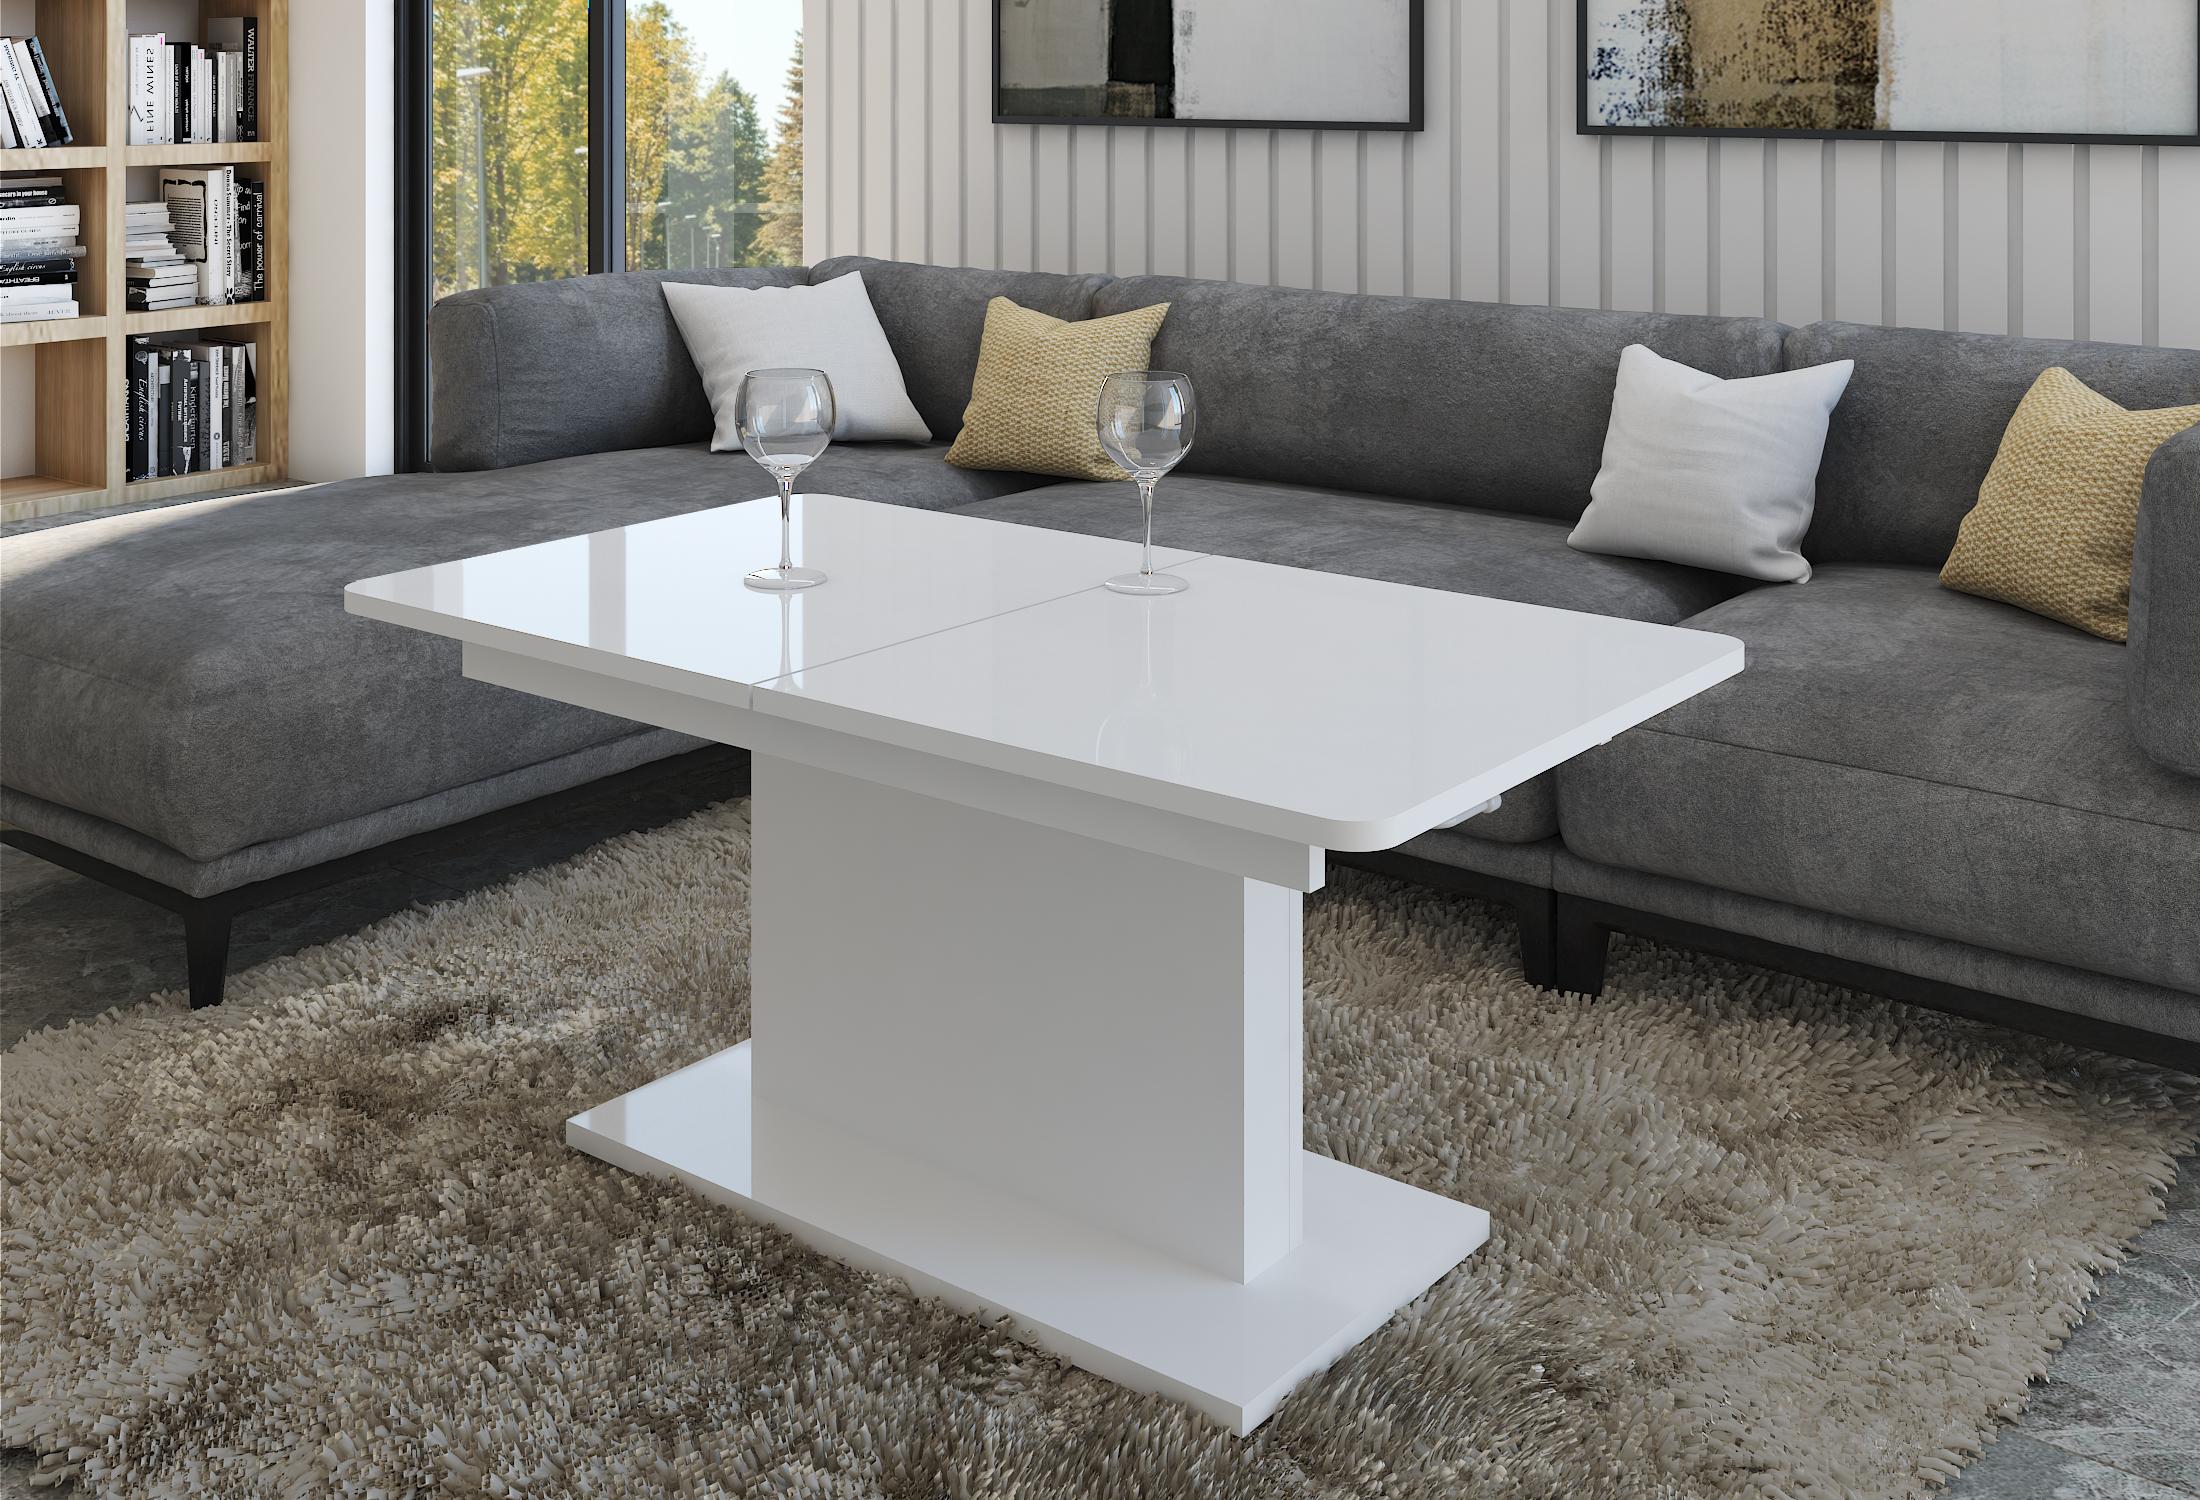 design couchtisch dc 1 wei hochglanz stufenlos. Black Bedroom Furniture Sets. Home Design Ideas